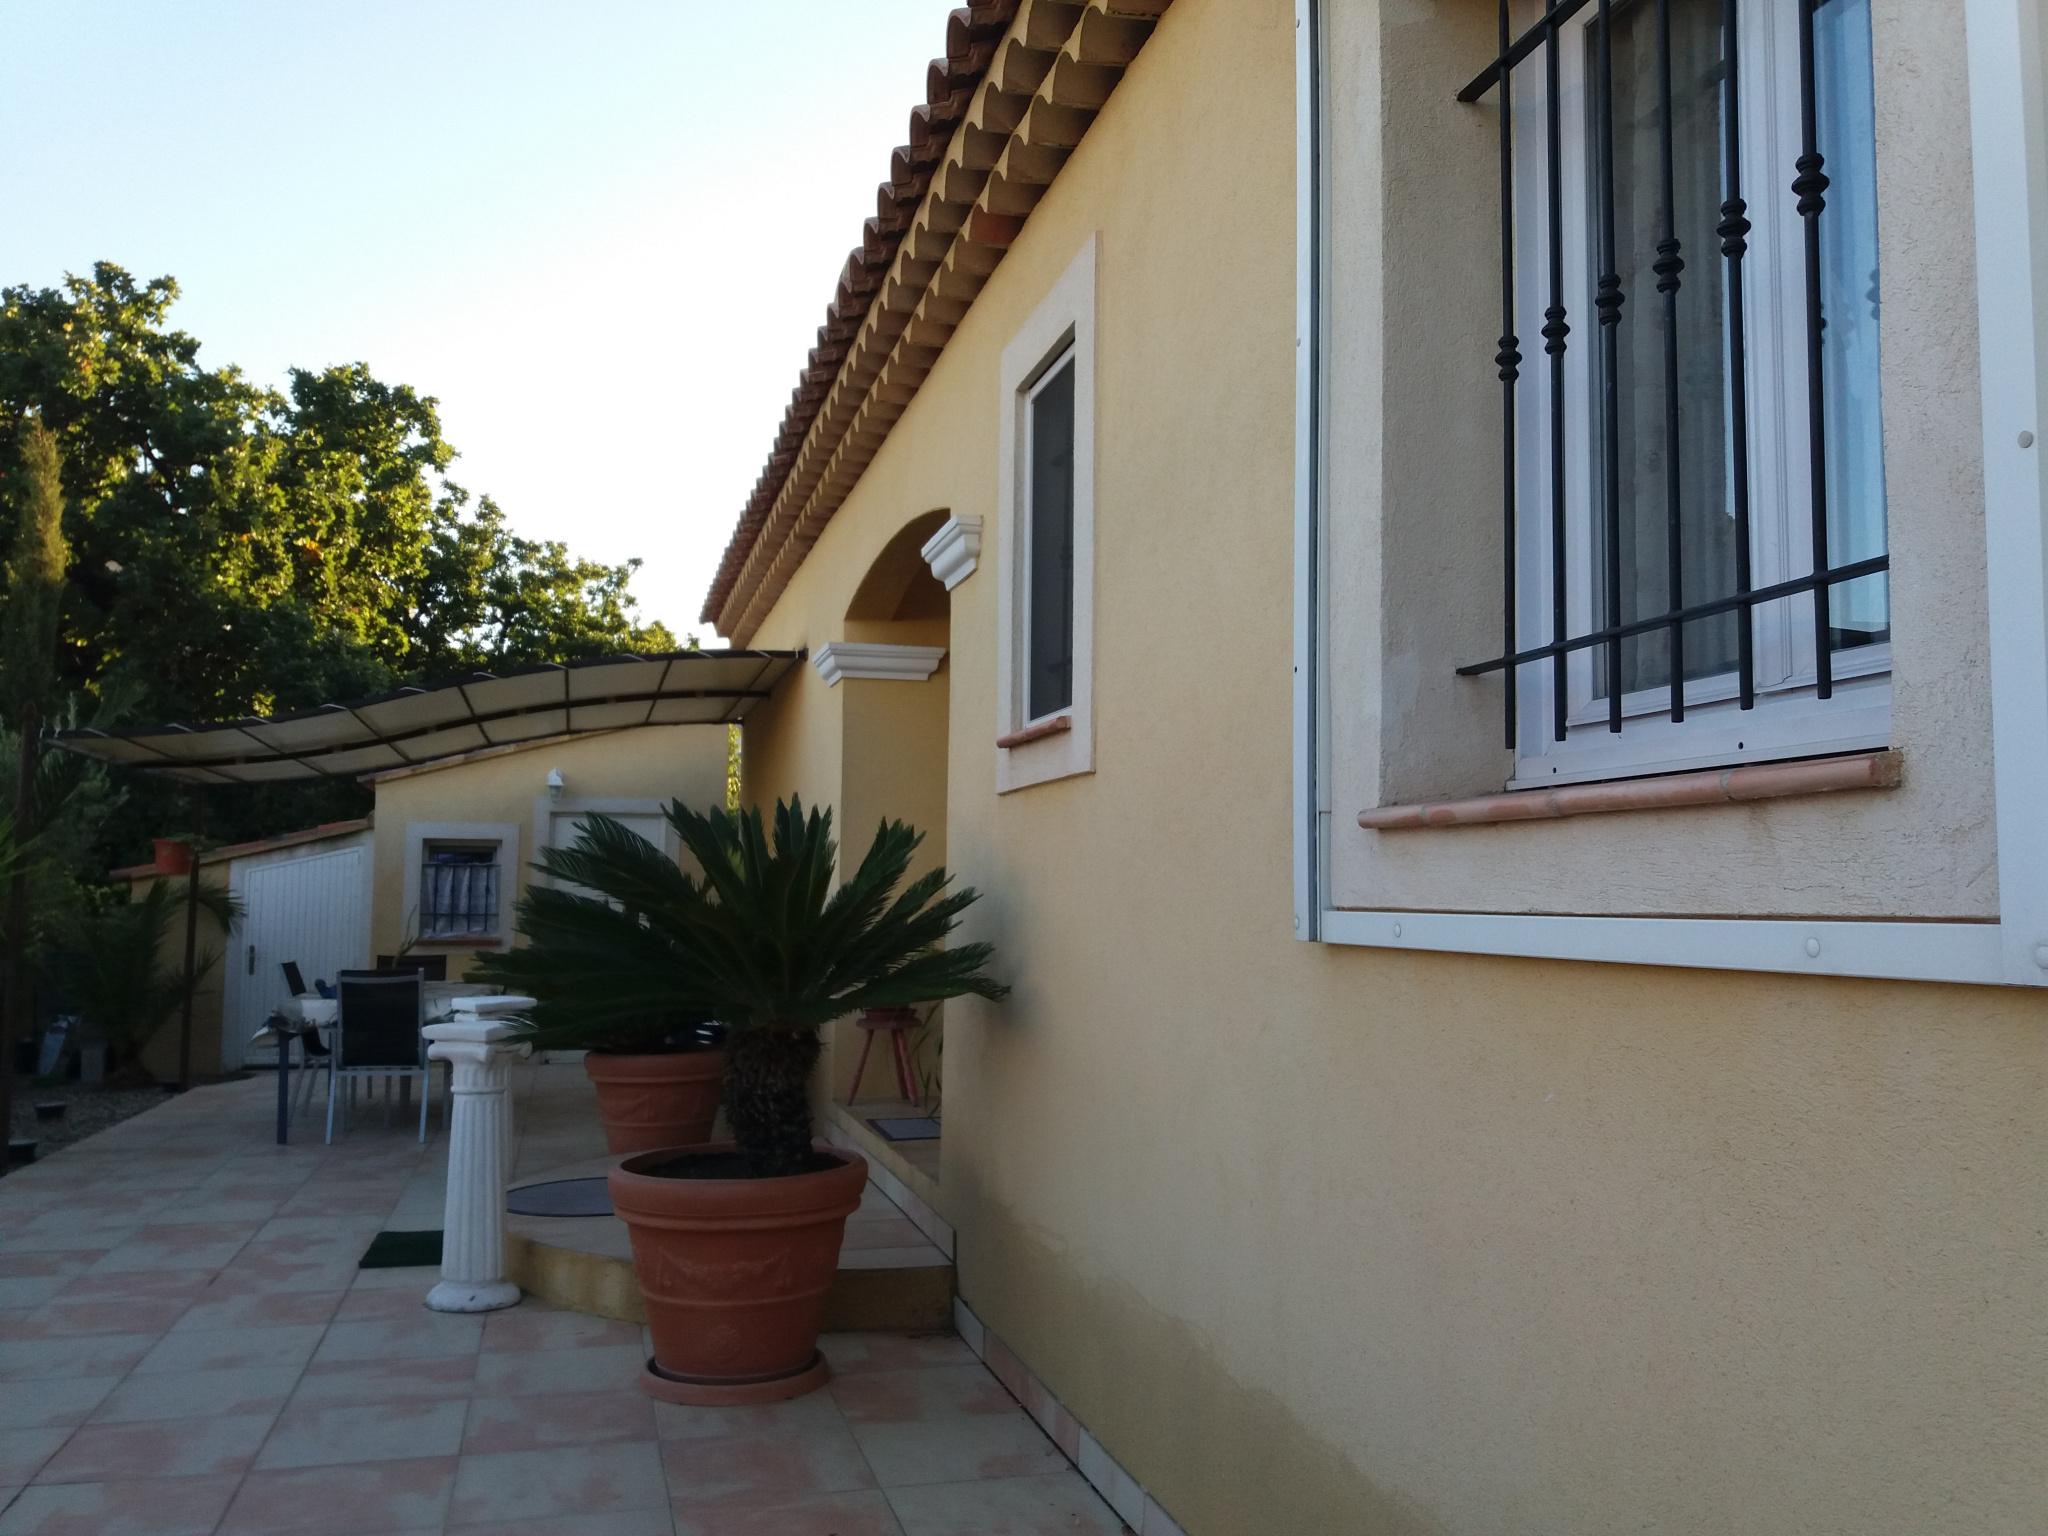 Annonce vente maison la garde 83130 140 m 485 000 992739727349 - Garde maison pendant vacances gratuit ...